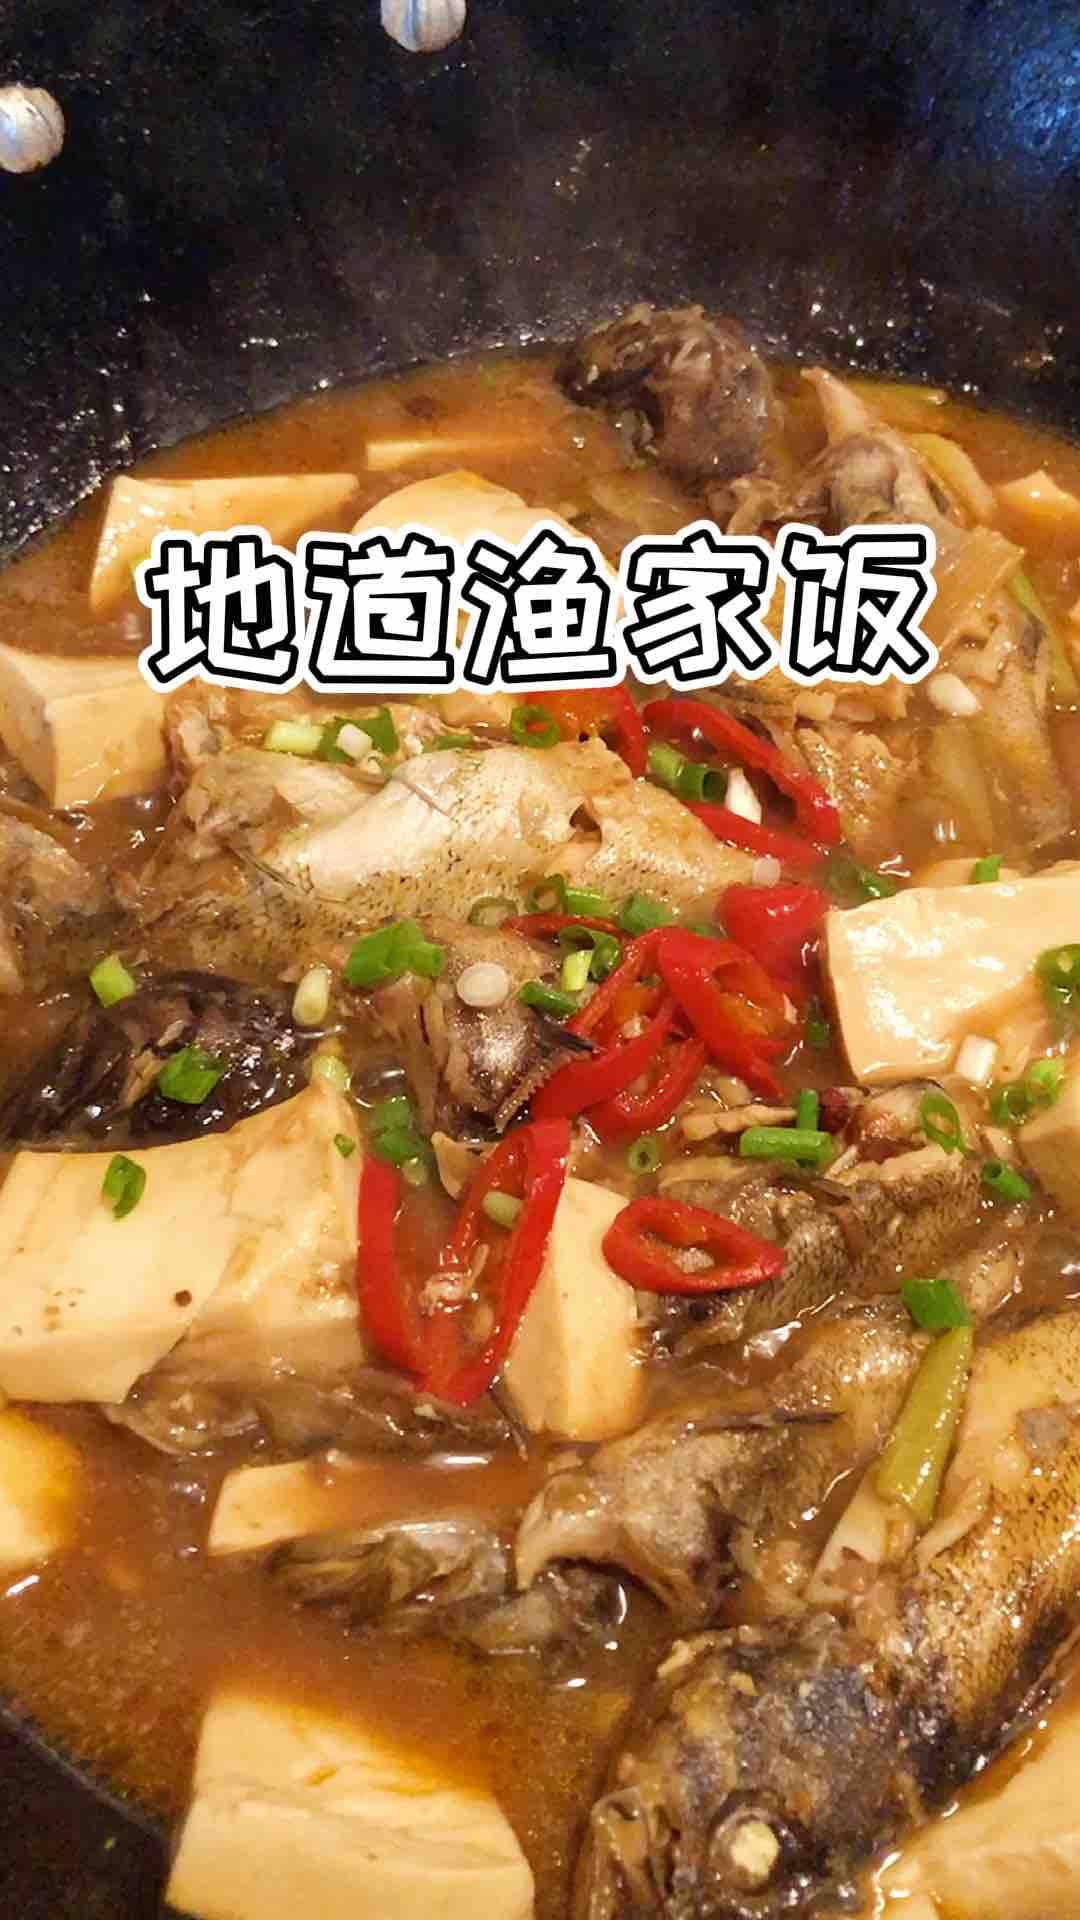 海鱼炖豆腐